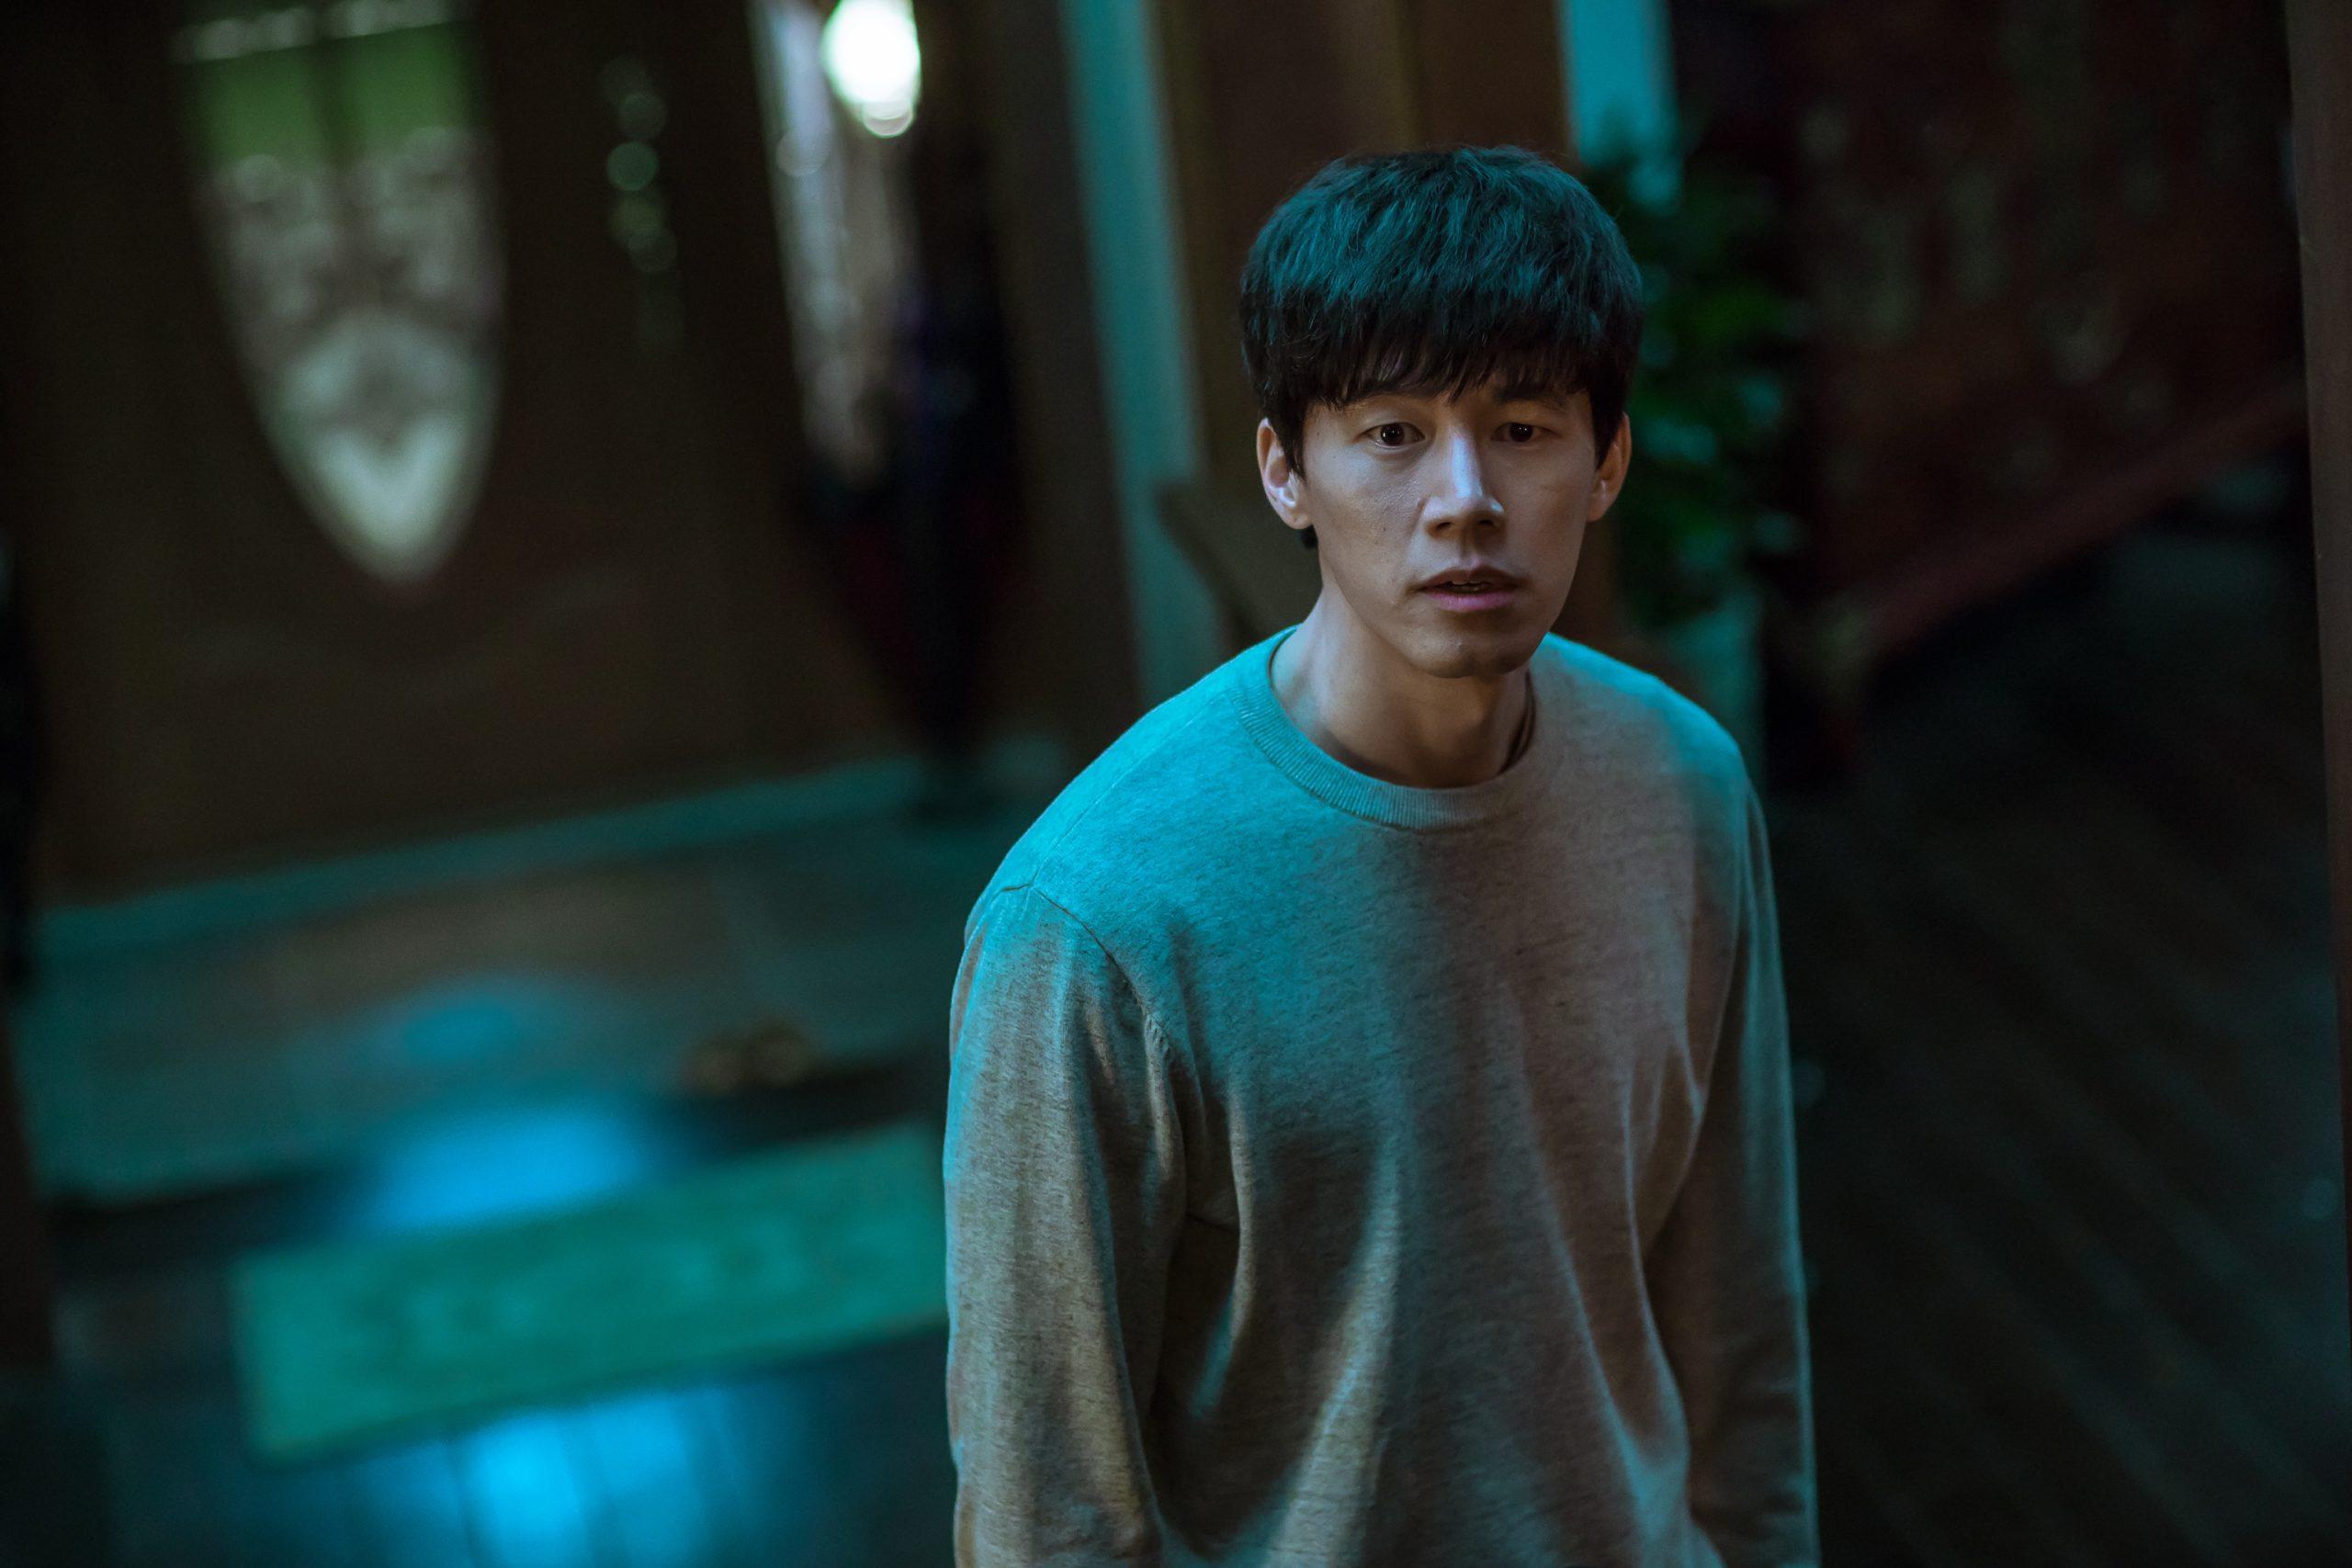 «Незваный гость» — корейский параноидальный триллер в лучших традициях жанра